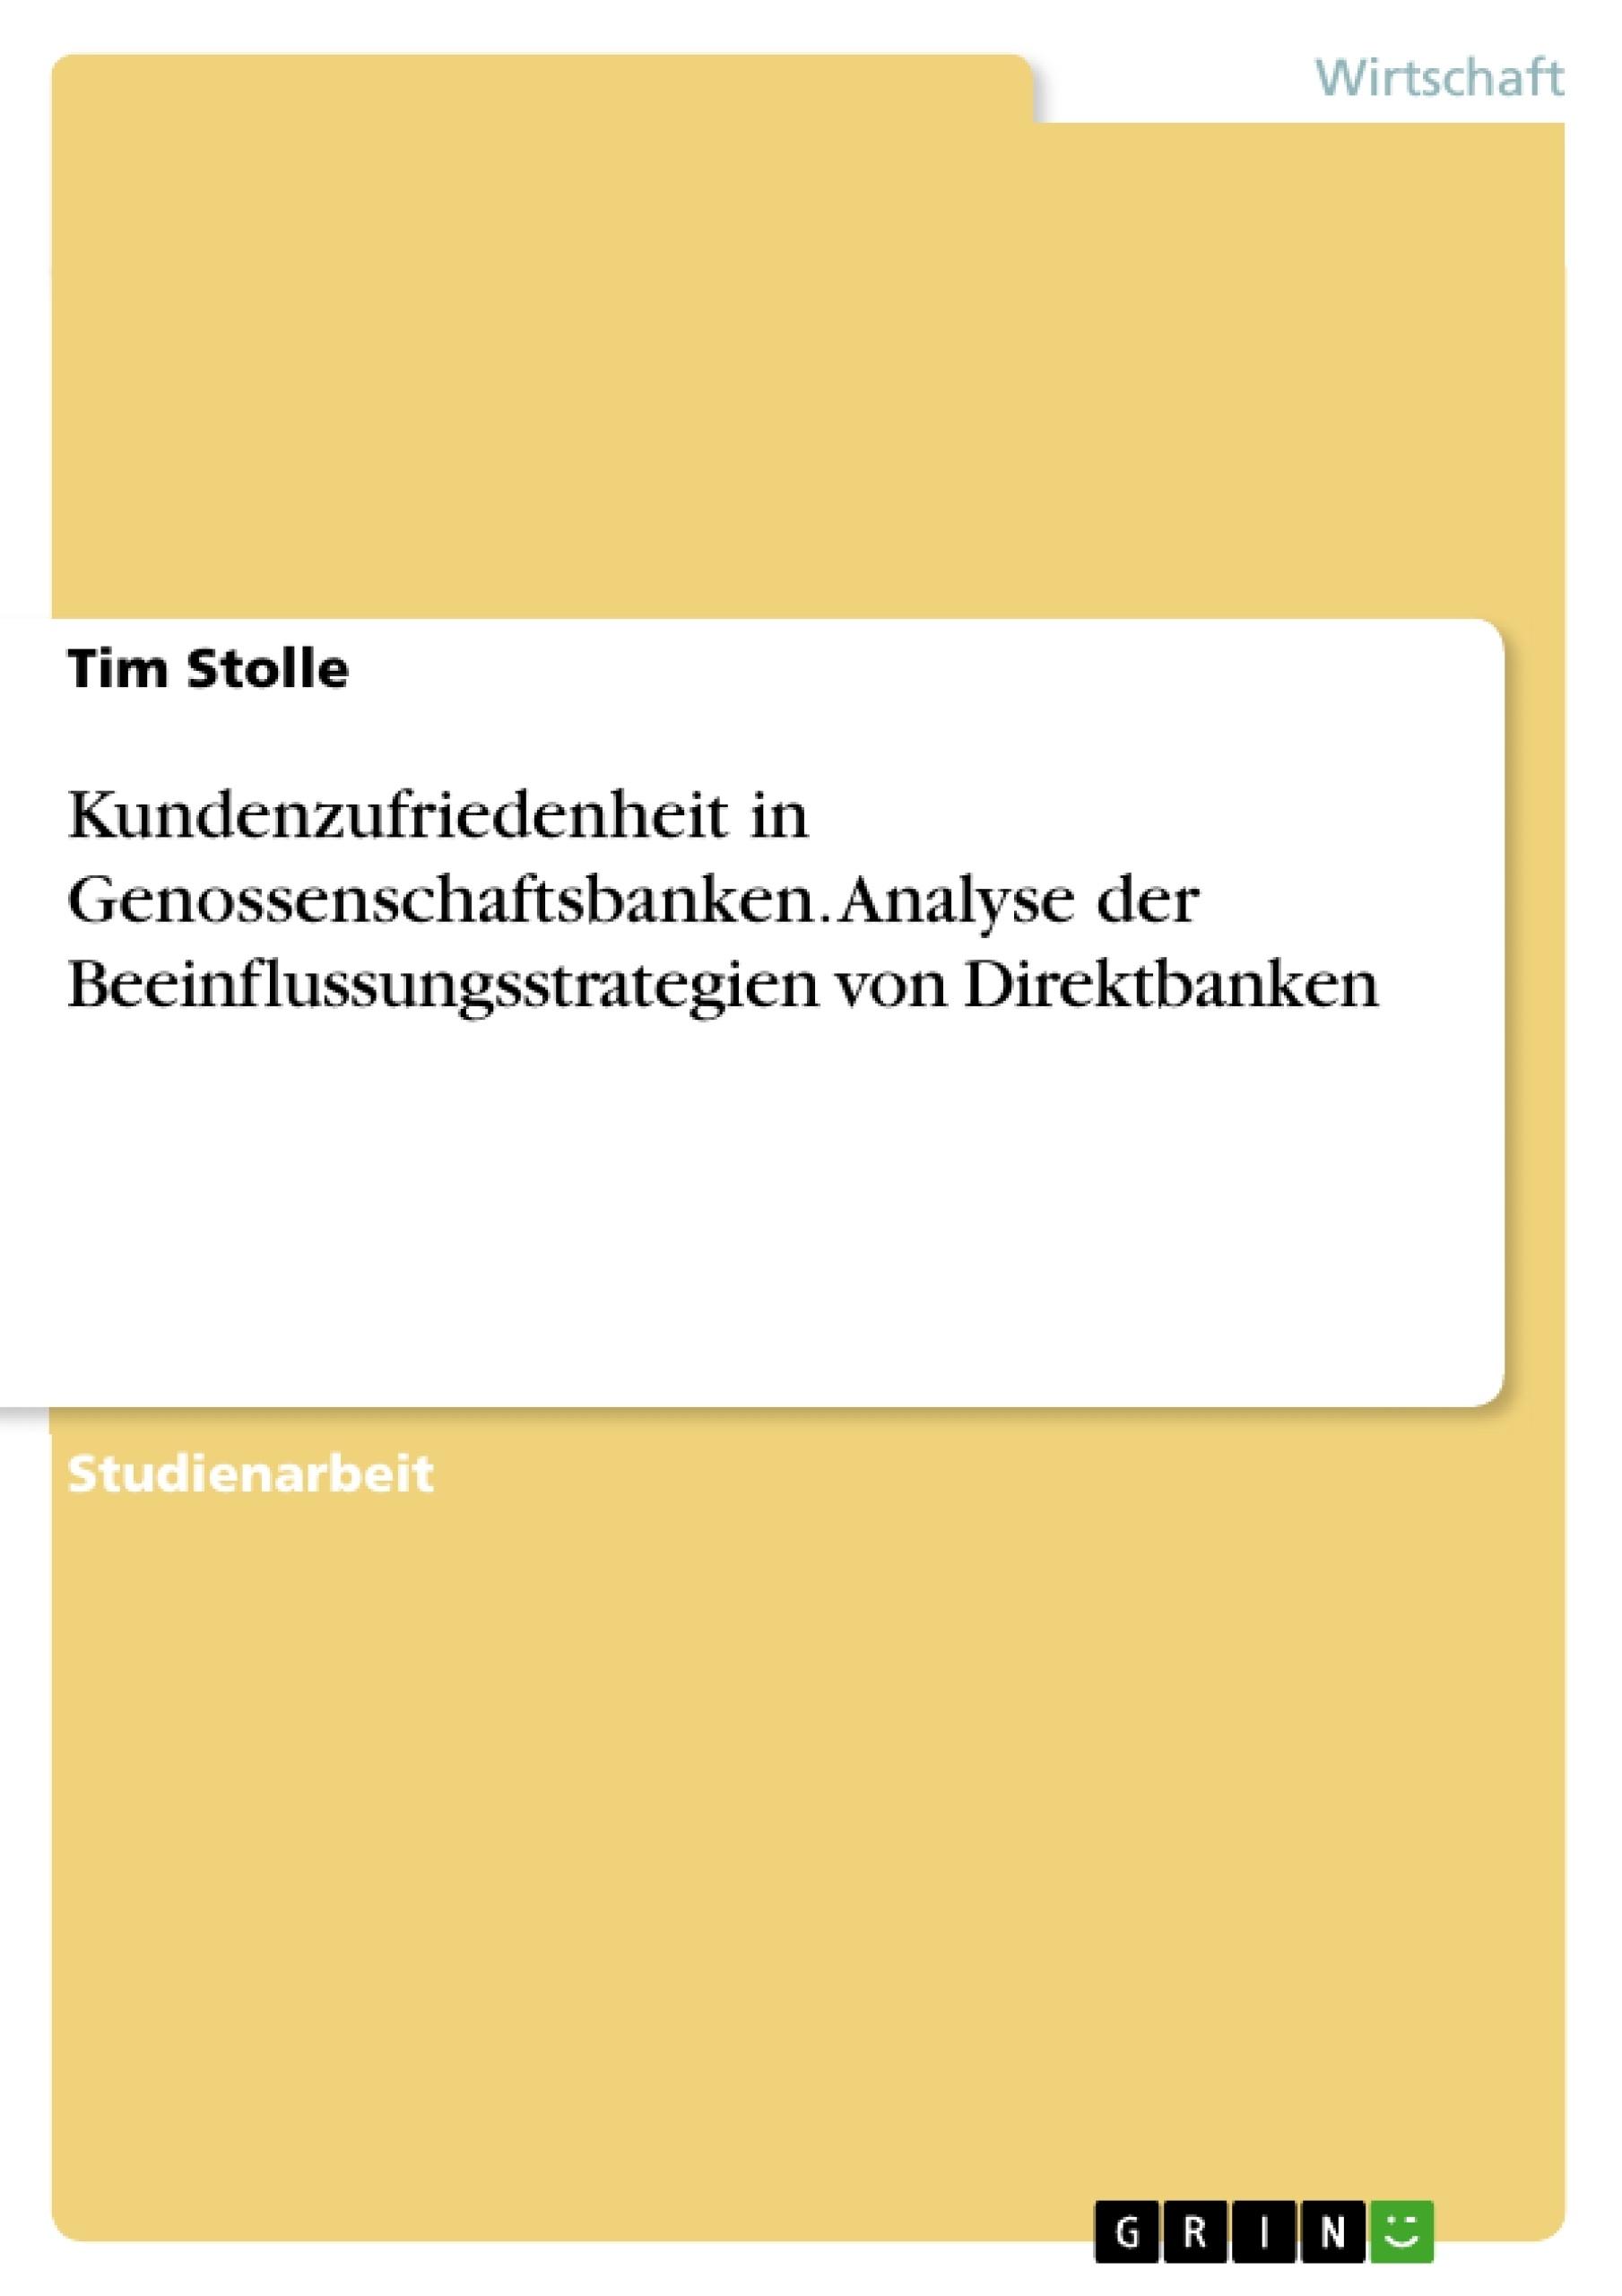 Titel: Kundenzufriedenheit in Genossenschaftsbanken. Analyse der Beeinflussungsstrategien von Direktbanken